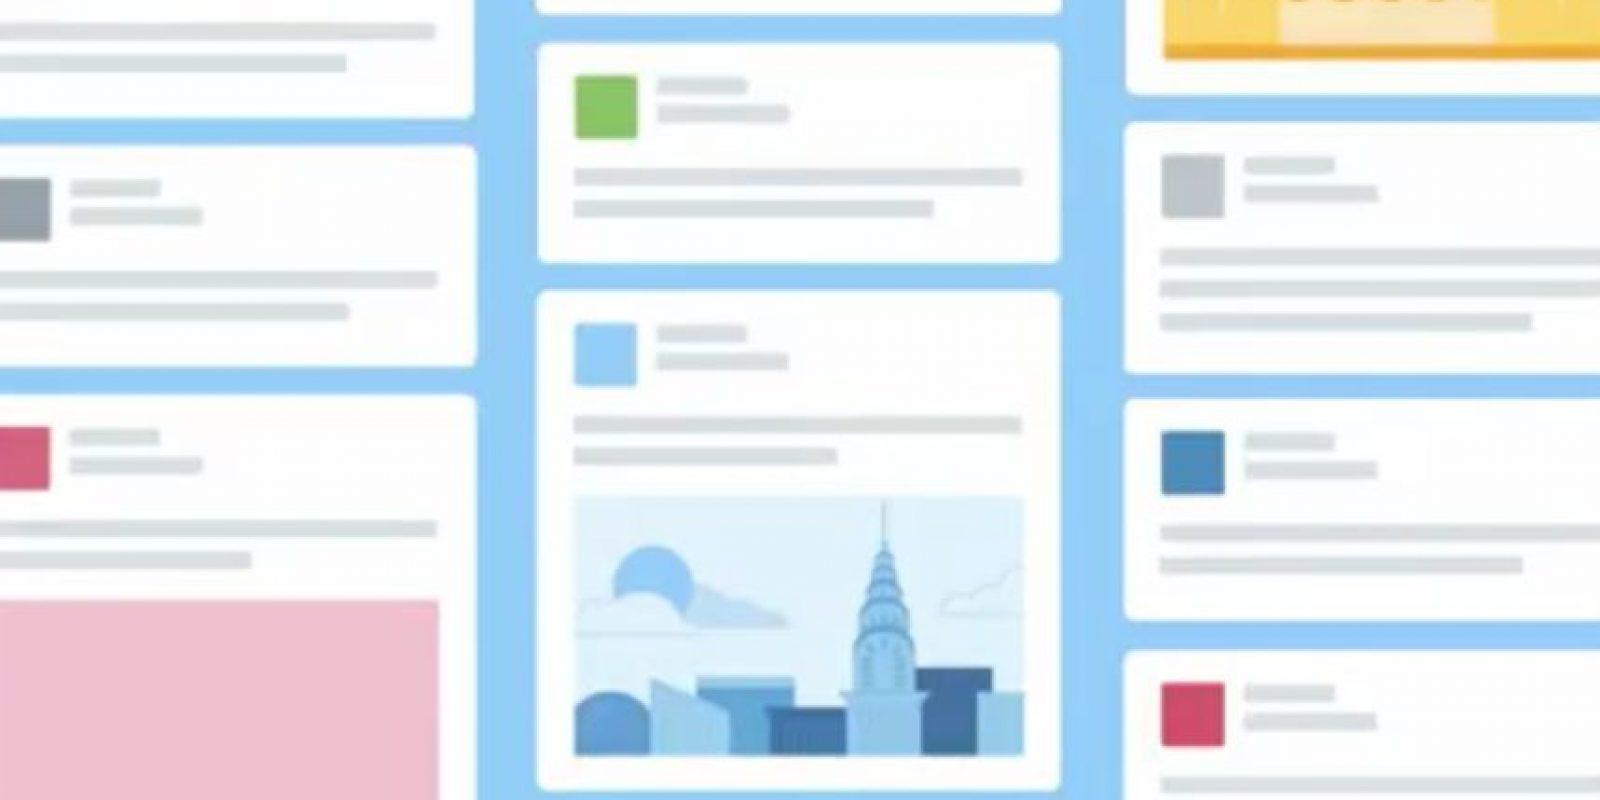 """""""Highlights"""" promete mejorar las notificaciones y compilar para el usuarios los mejores tuits Foto:Twitter"""